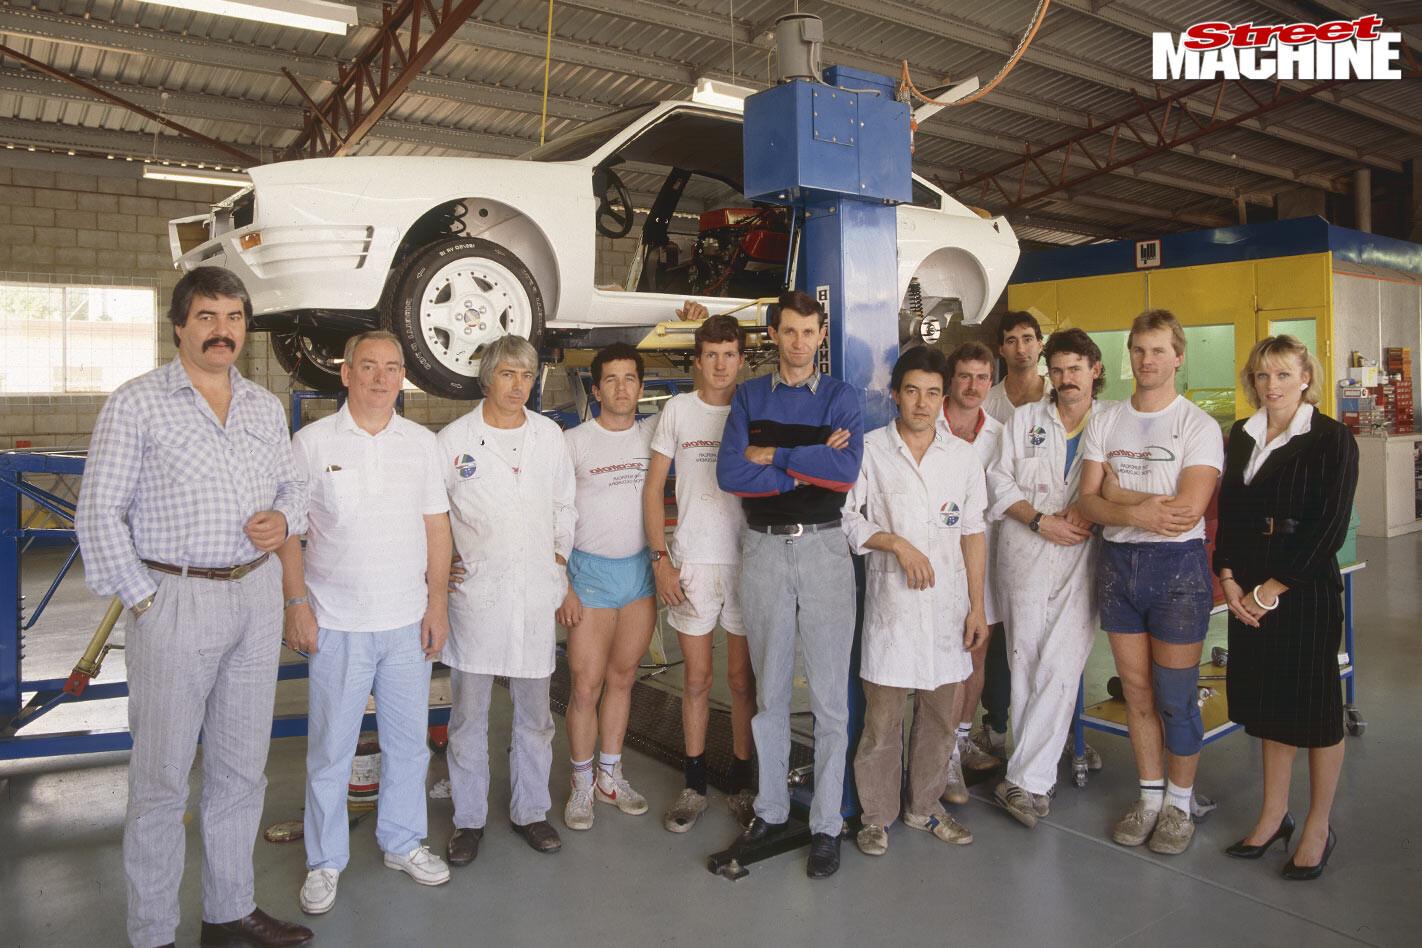 Alfa Romeo Giocattolo Group B team